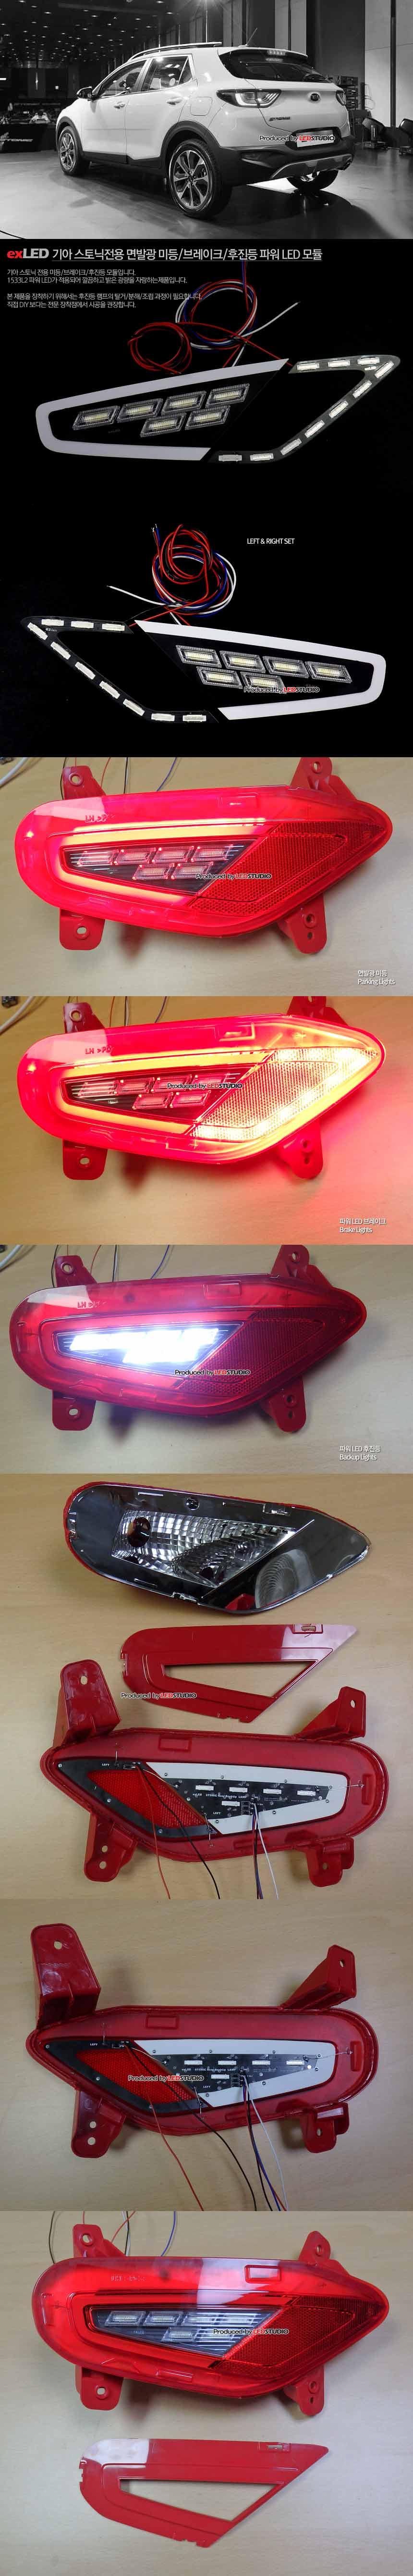 exLED 스토닉 면발광 미등/브레이크/후진등 파워 LED 모듈